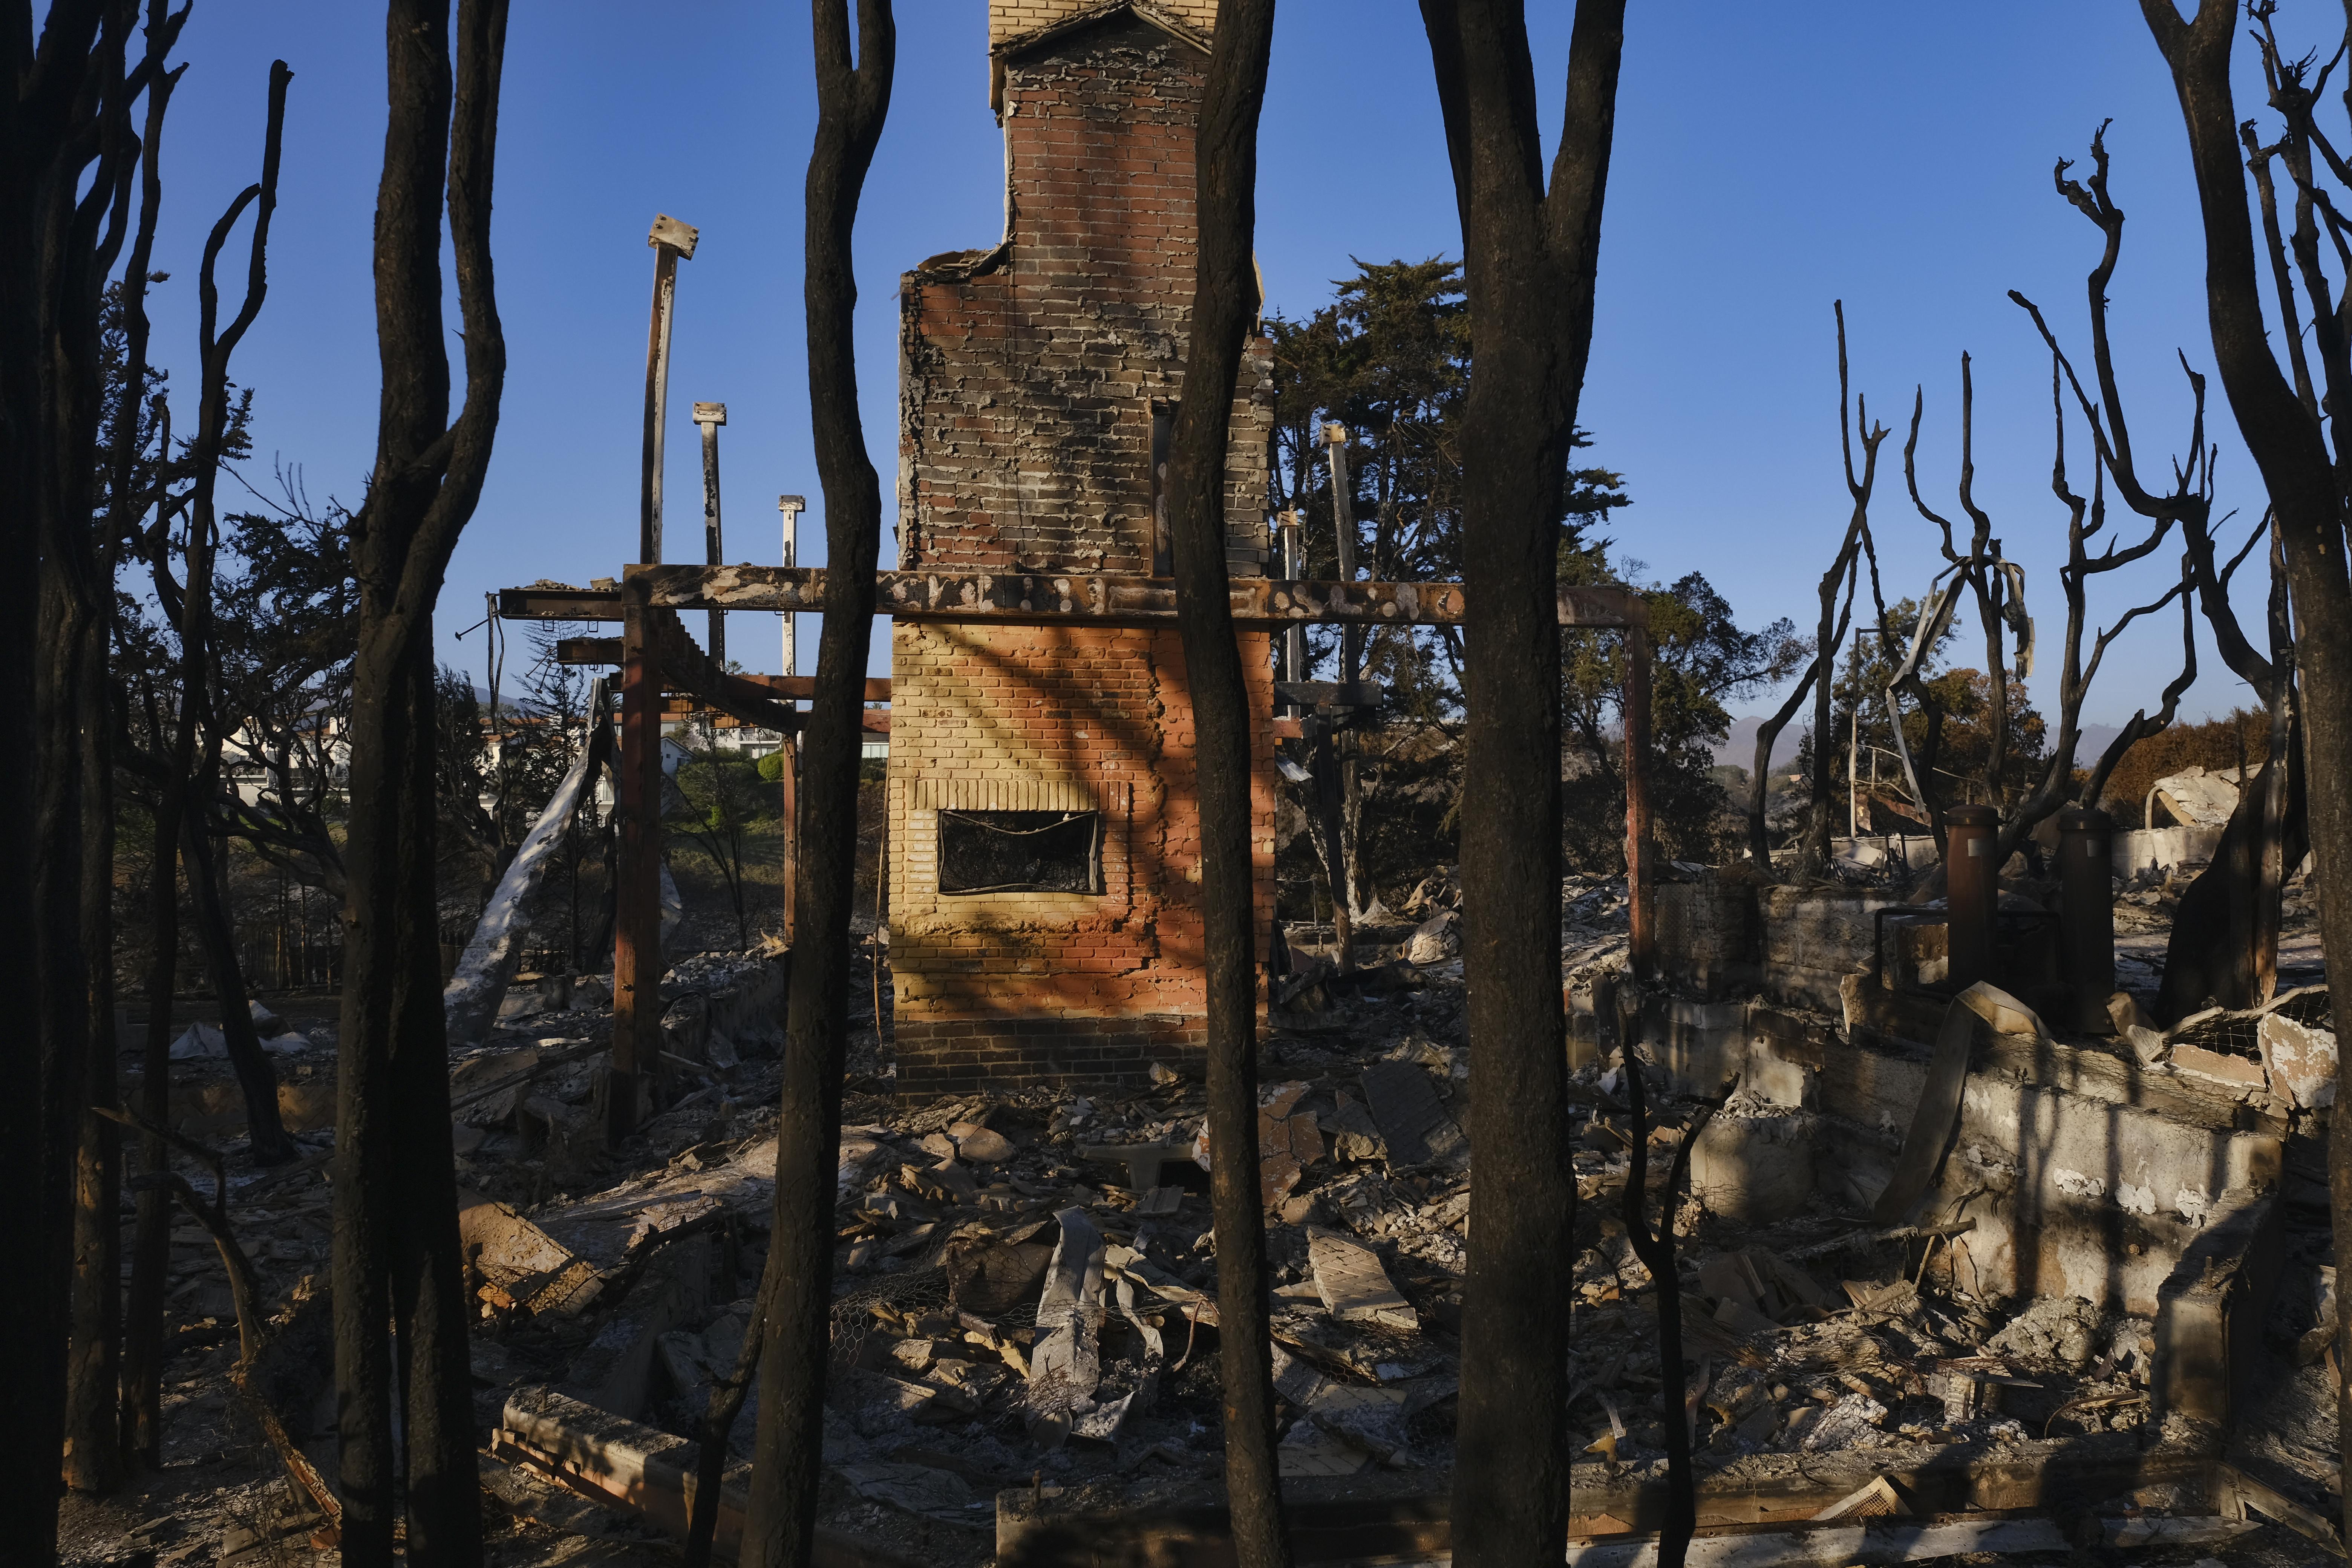 Los incendios en California, alimentados por condiciones muy secas y los vientos cálidos y fuertes de Santa Ana, han destruido cientos de hogares y han causado decenas de muertes y quemó más de 300,000 acres